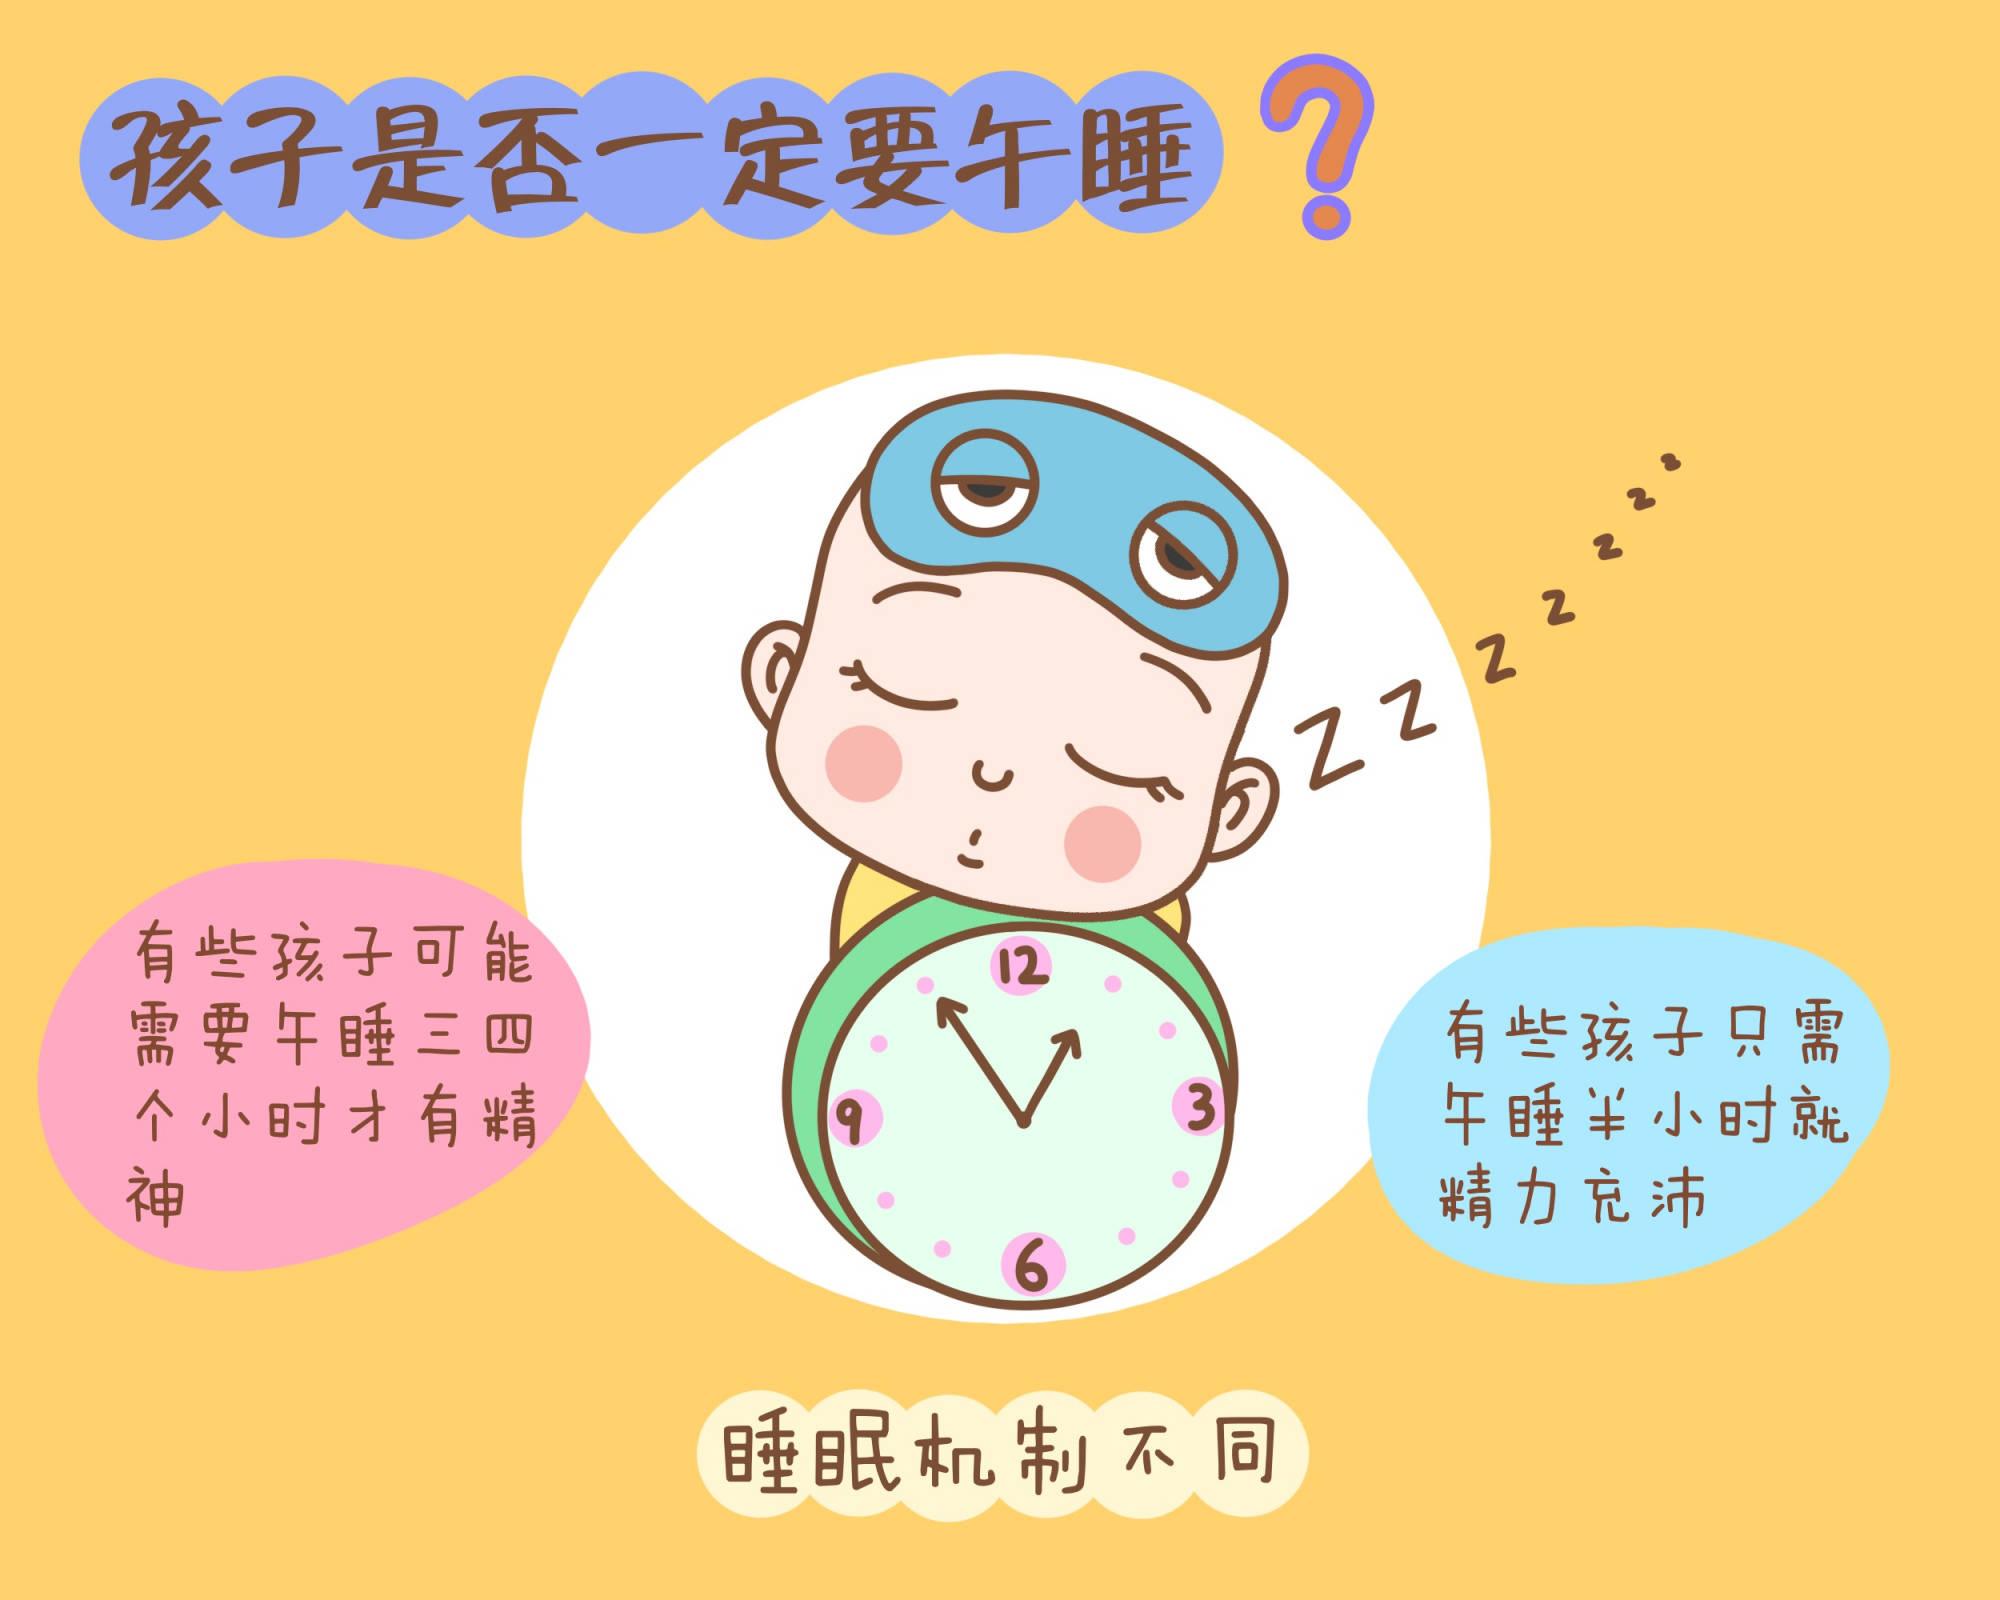 """孩子中午要不要睡觉?强制午睡只会""""坑娃"""",家长别过分苛责"""